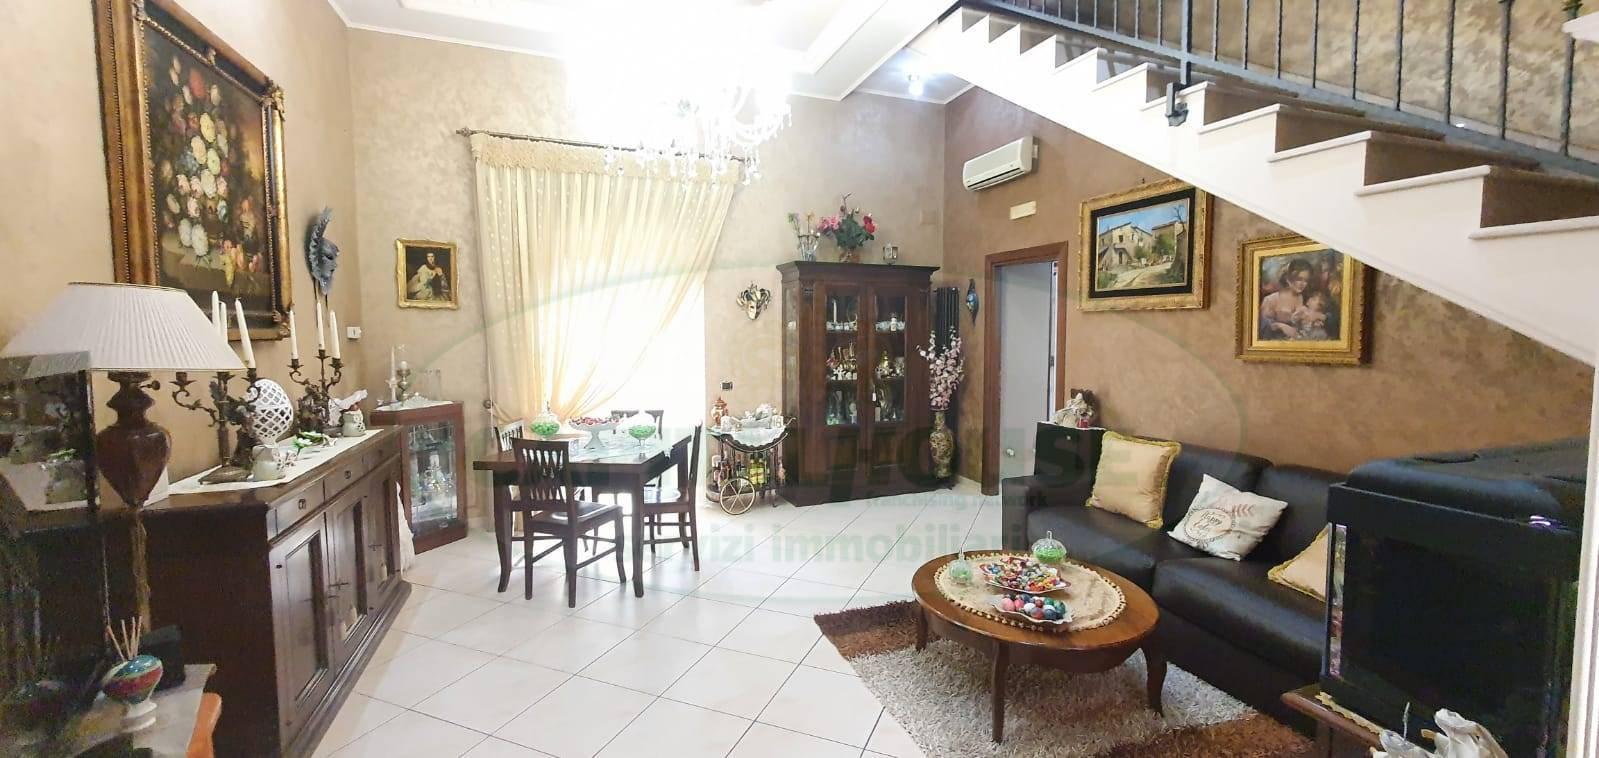 Appartamento in vendita a Casagiove (CE)